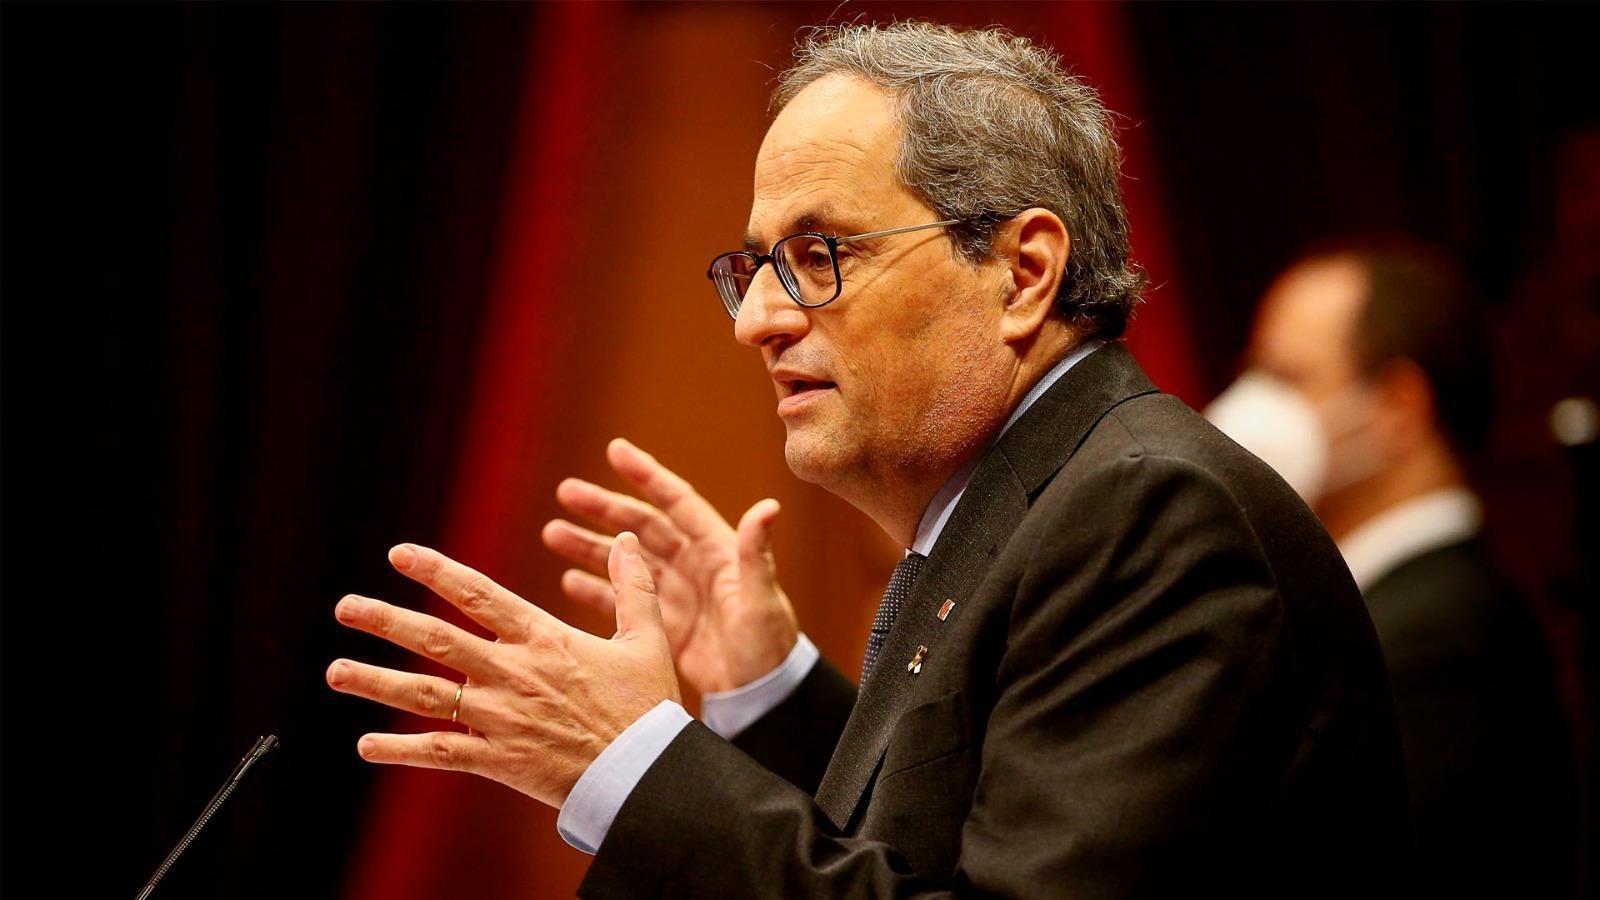 L'anàlisi d'Antoni Bassas: 'El president Torra hauria de convocar eleccions'